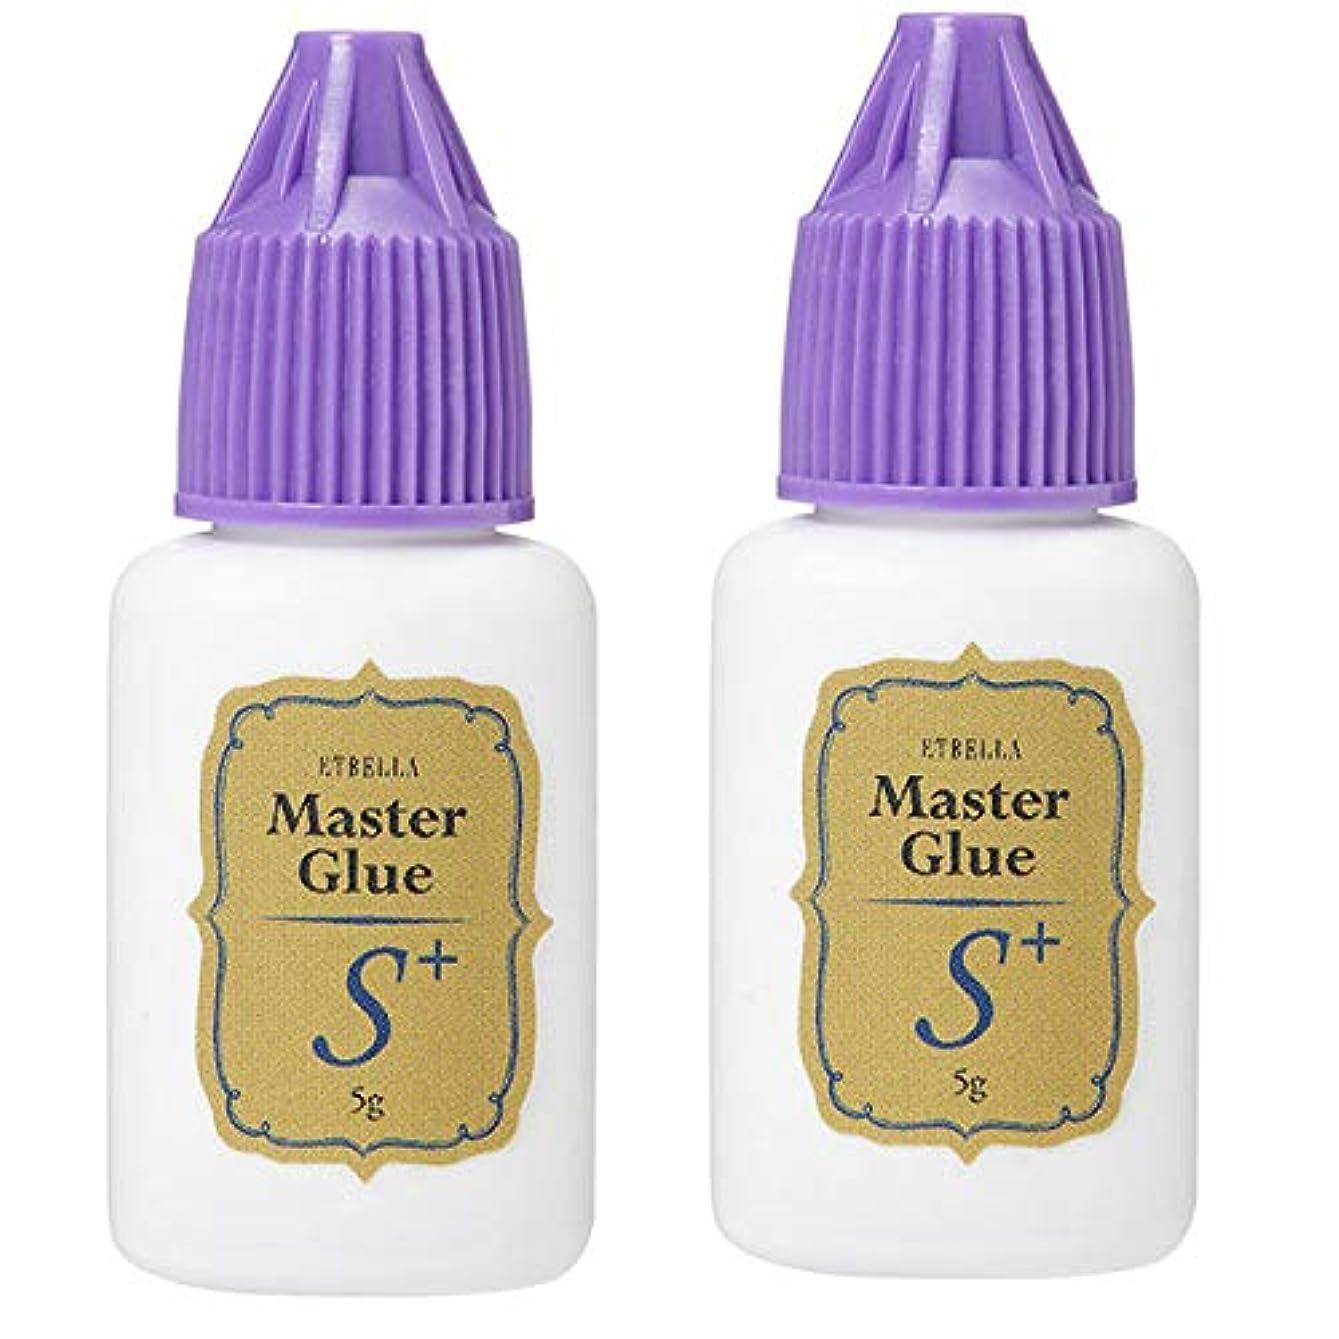 酸素閉じる効能エトゥベラ マスター S+タイプ グルー 5g (2個セット) [ まつ毛グルー マツエクグルー つけまつげ つけまつ毛 接着剤 高持続 速乾 まつげエクステ まつ毛エクステ マツエク エクステ まつげ まつ毛 業務用 ]